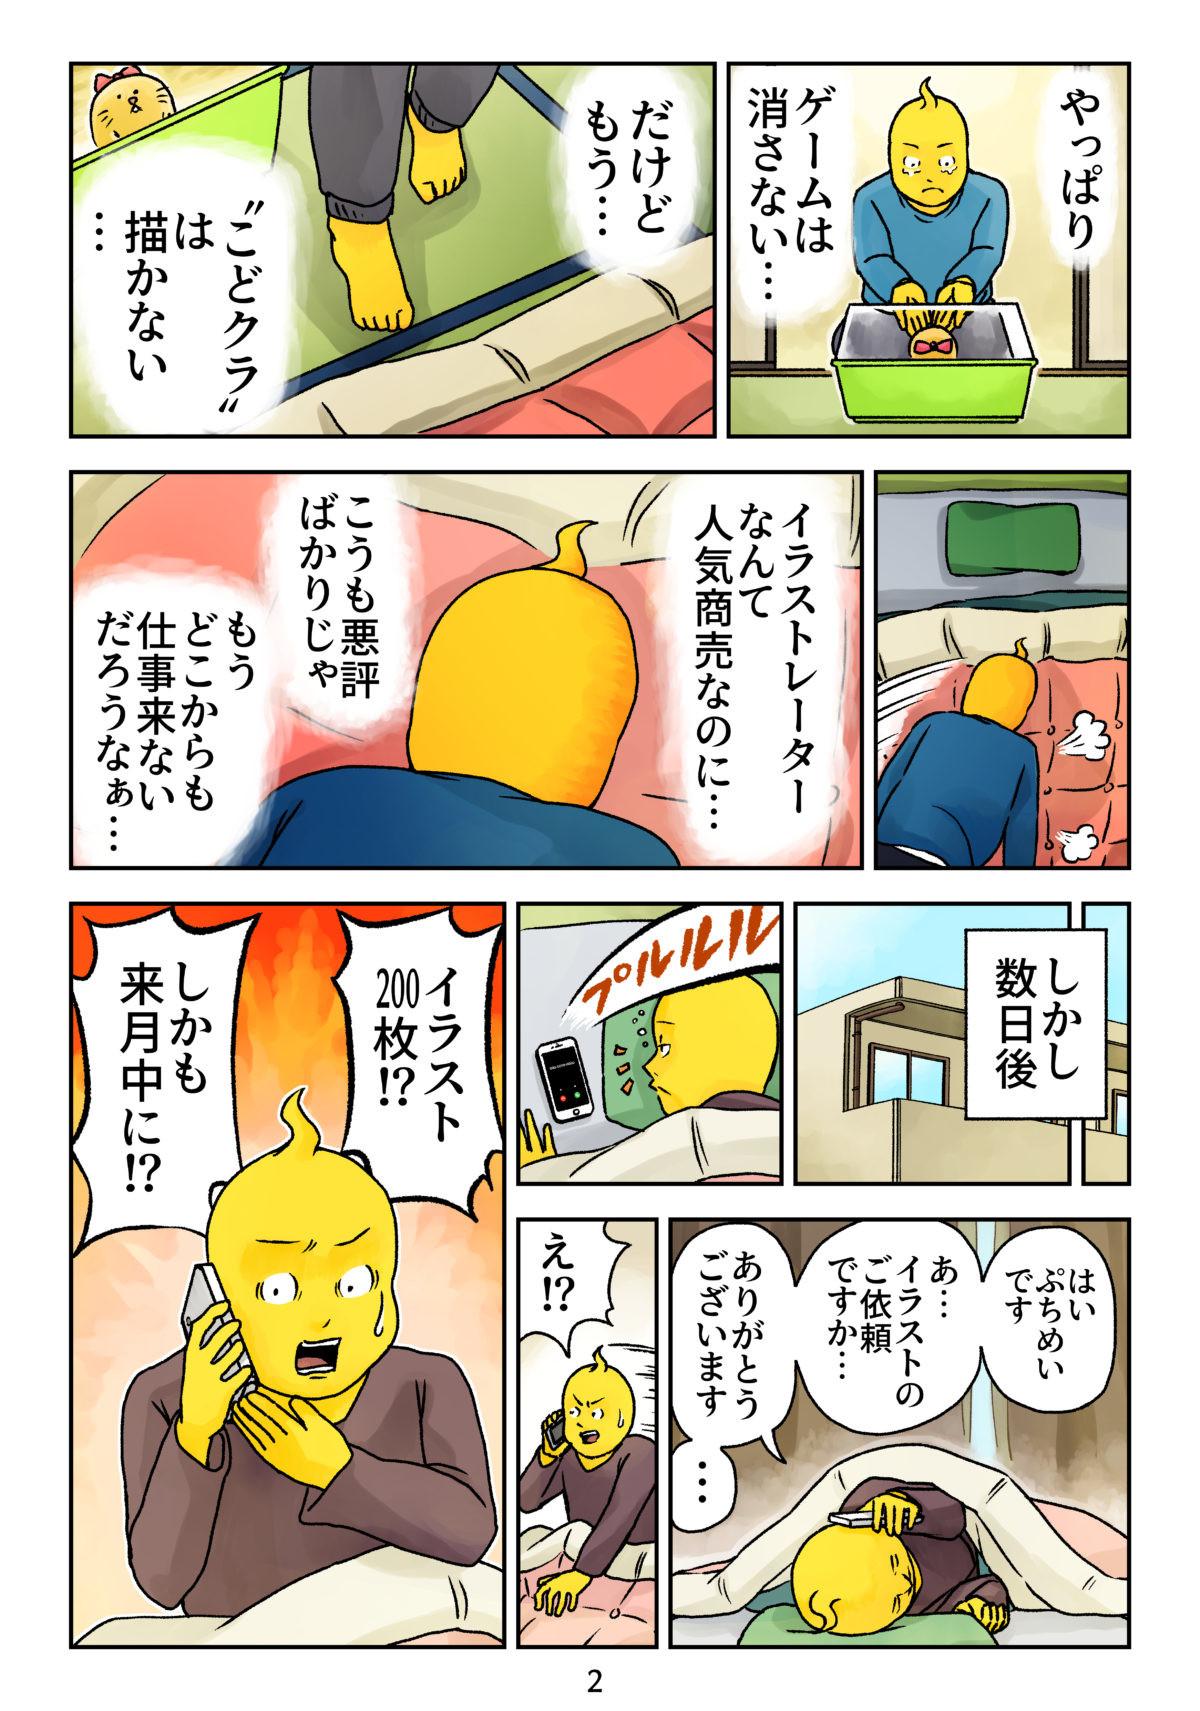 シスターズ イラスト マイクラ ぜん まい